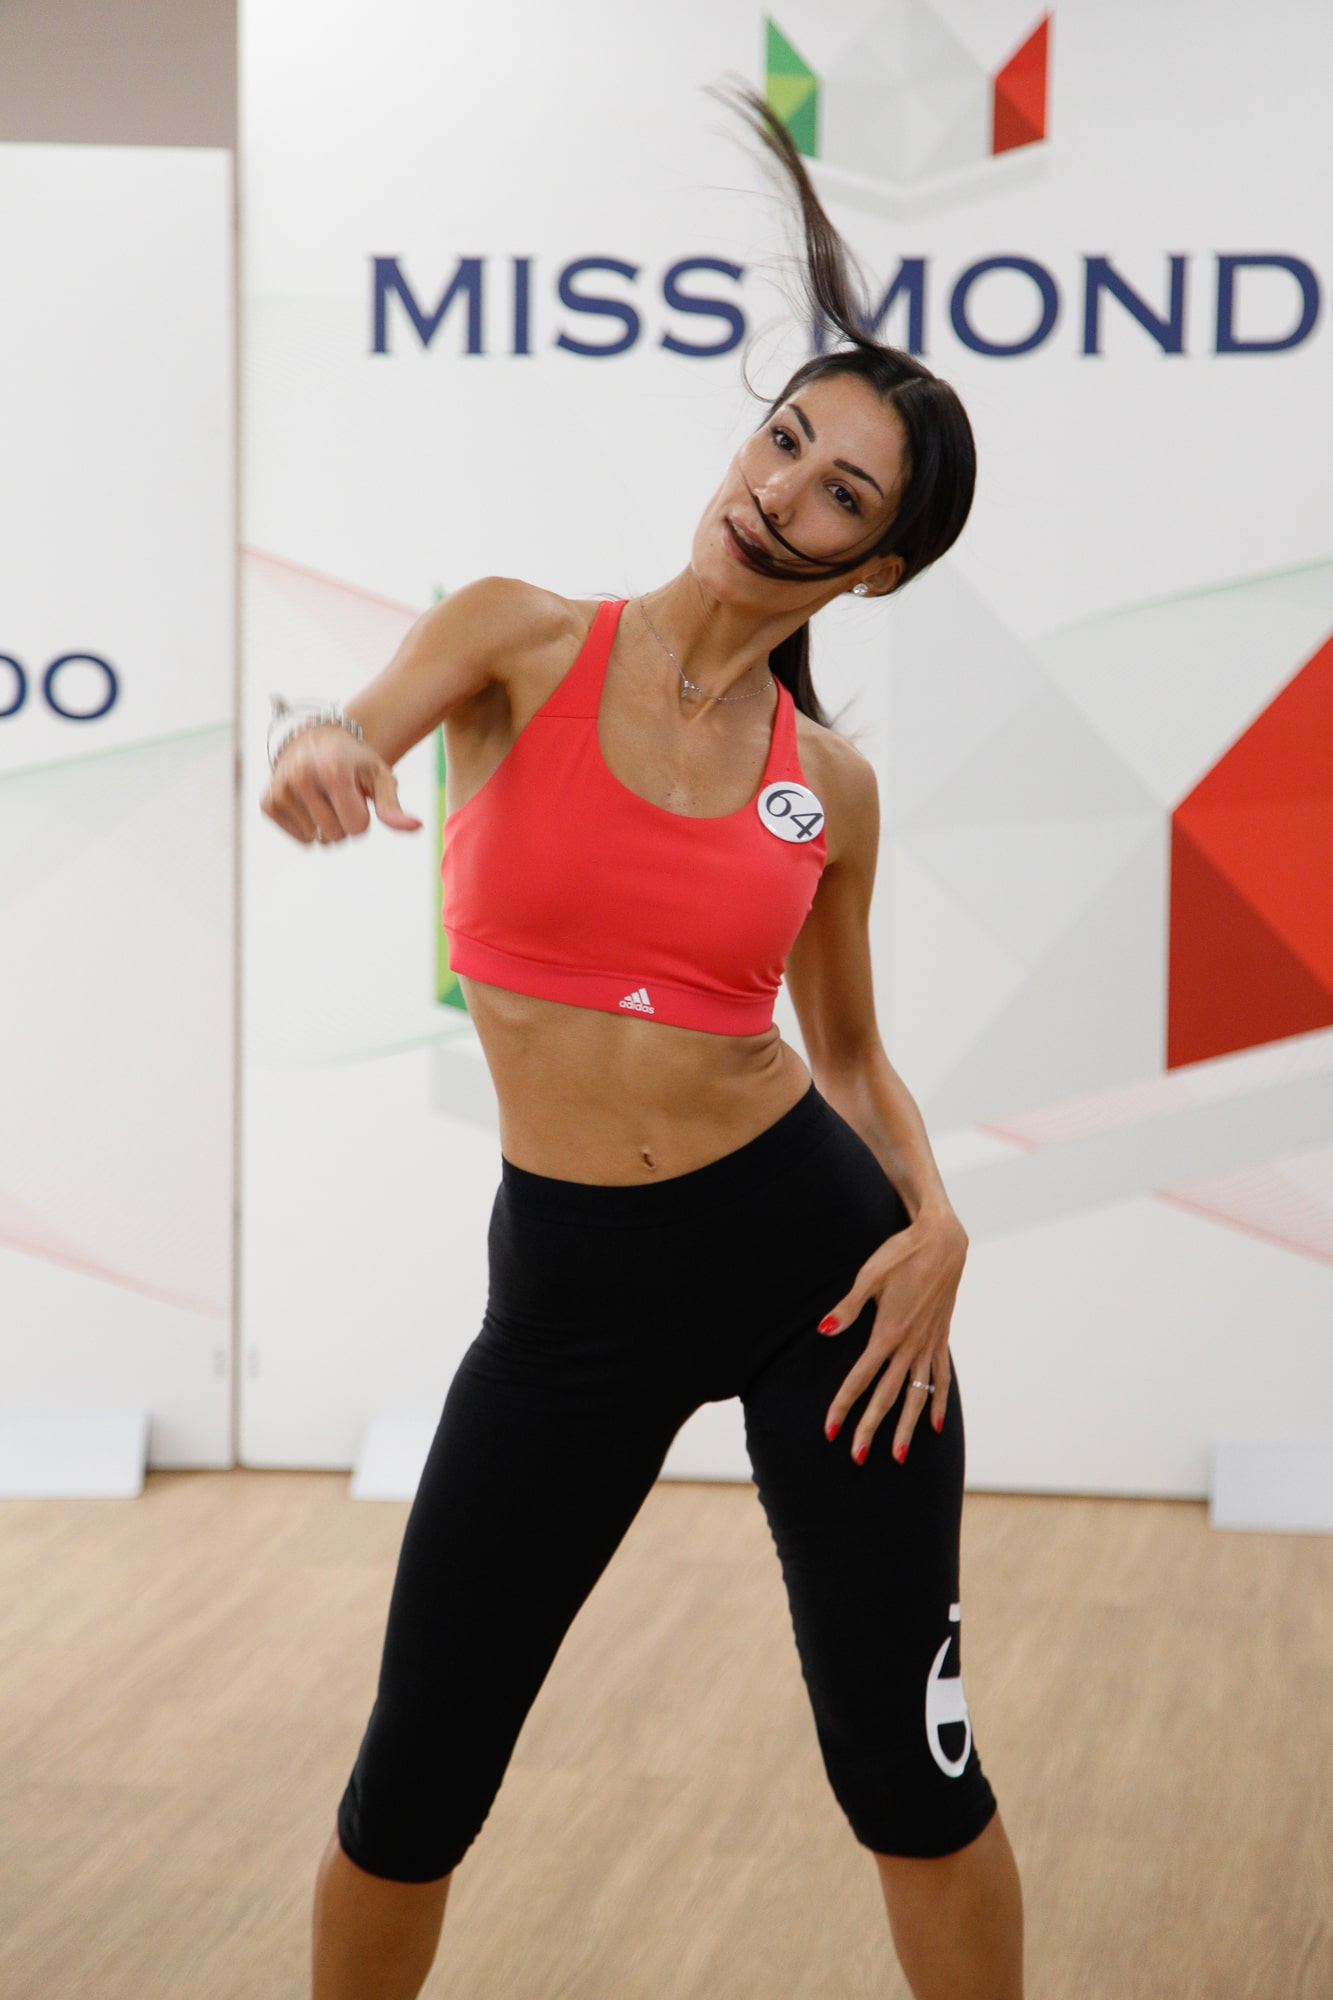 Finale nazione Miss Mondo Italia 2021 Audizione Talent 3 - 24